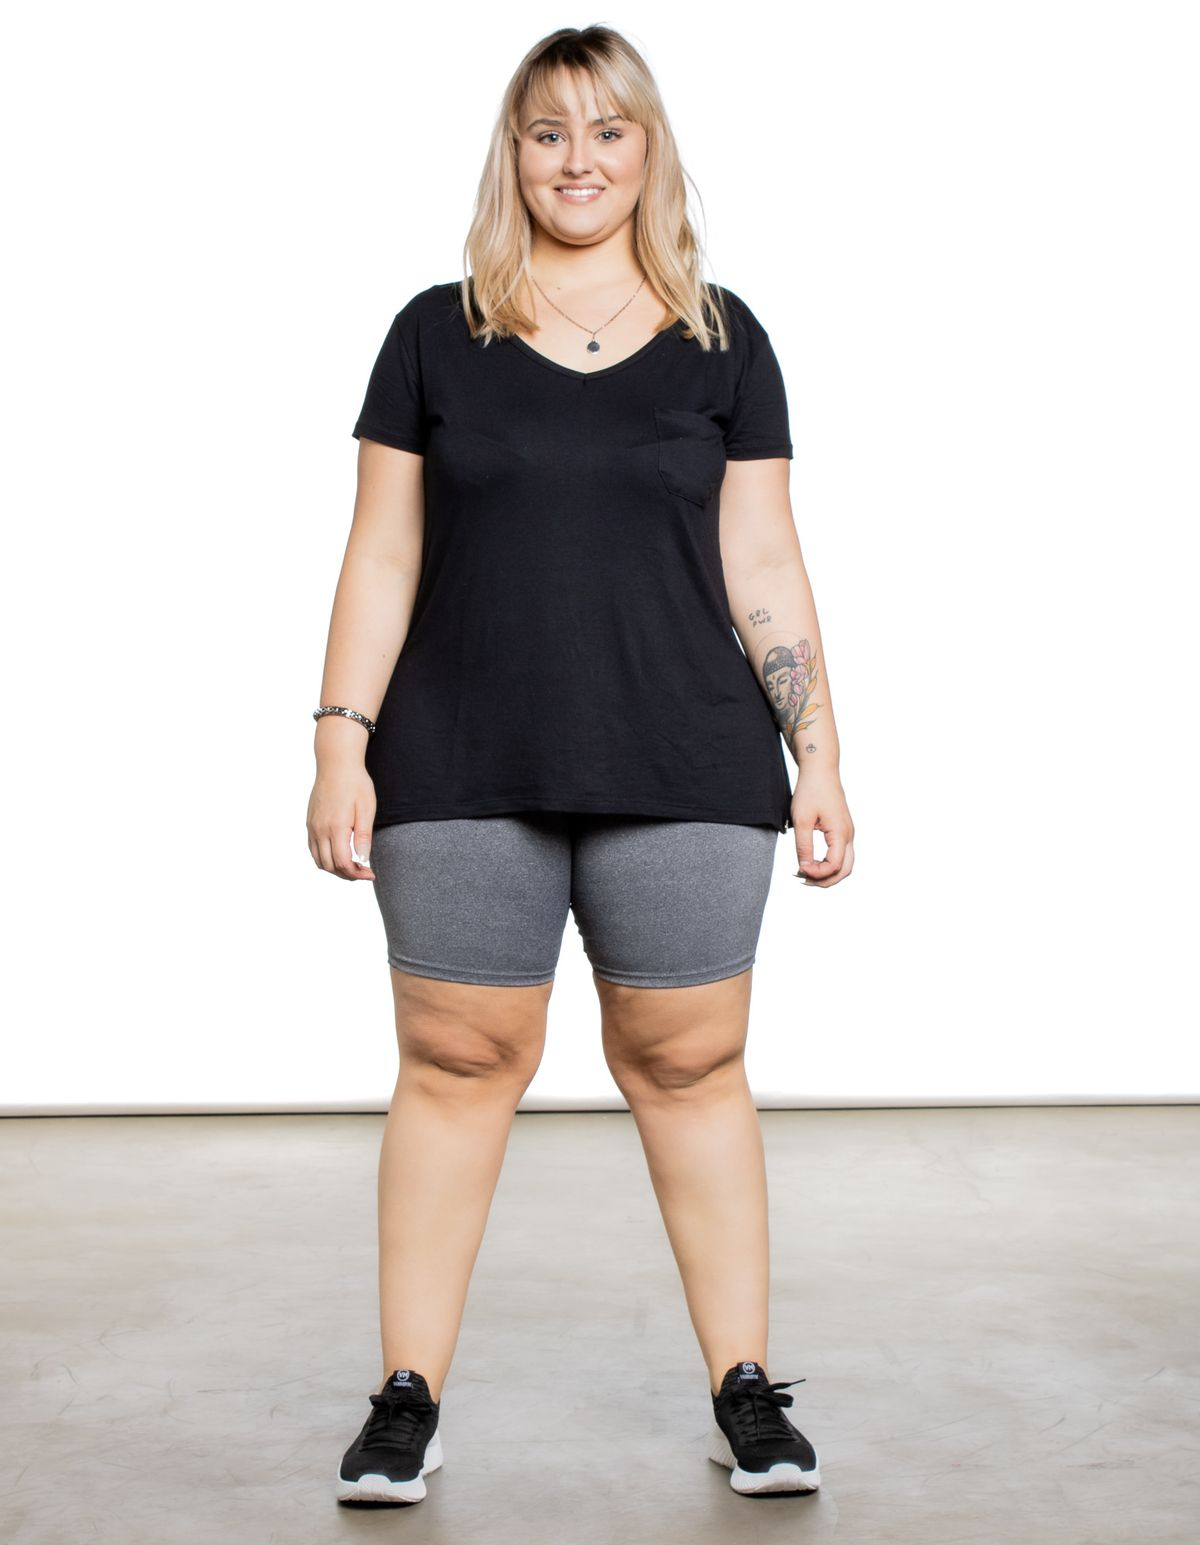 578114002-short-feminina-plus-legging-fitness-mescla-g2-cb6